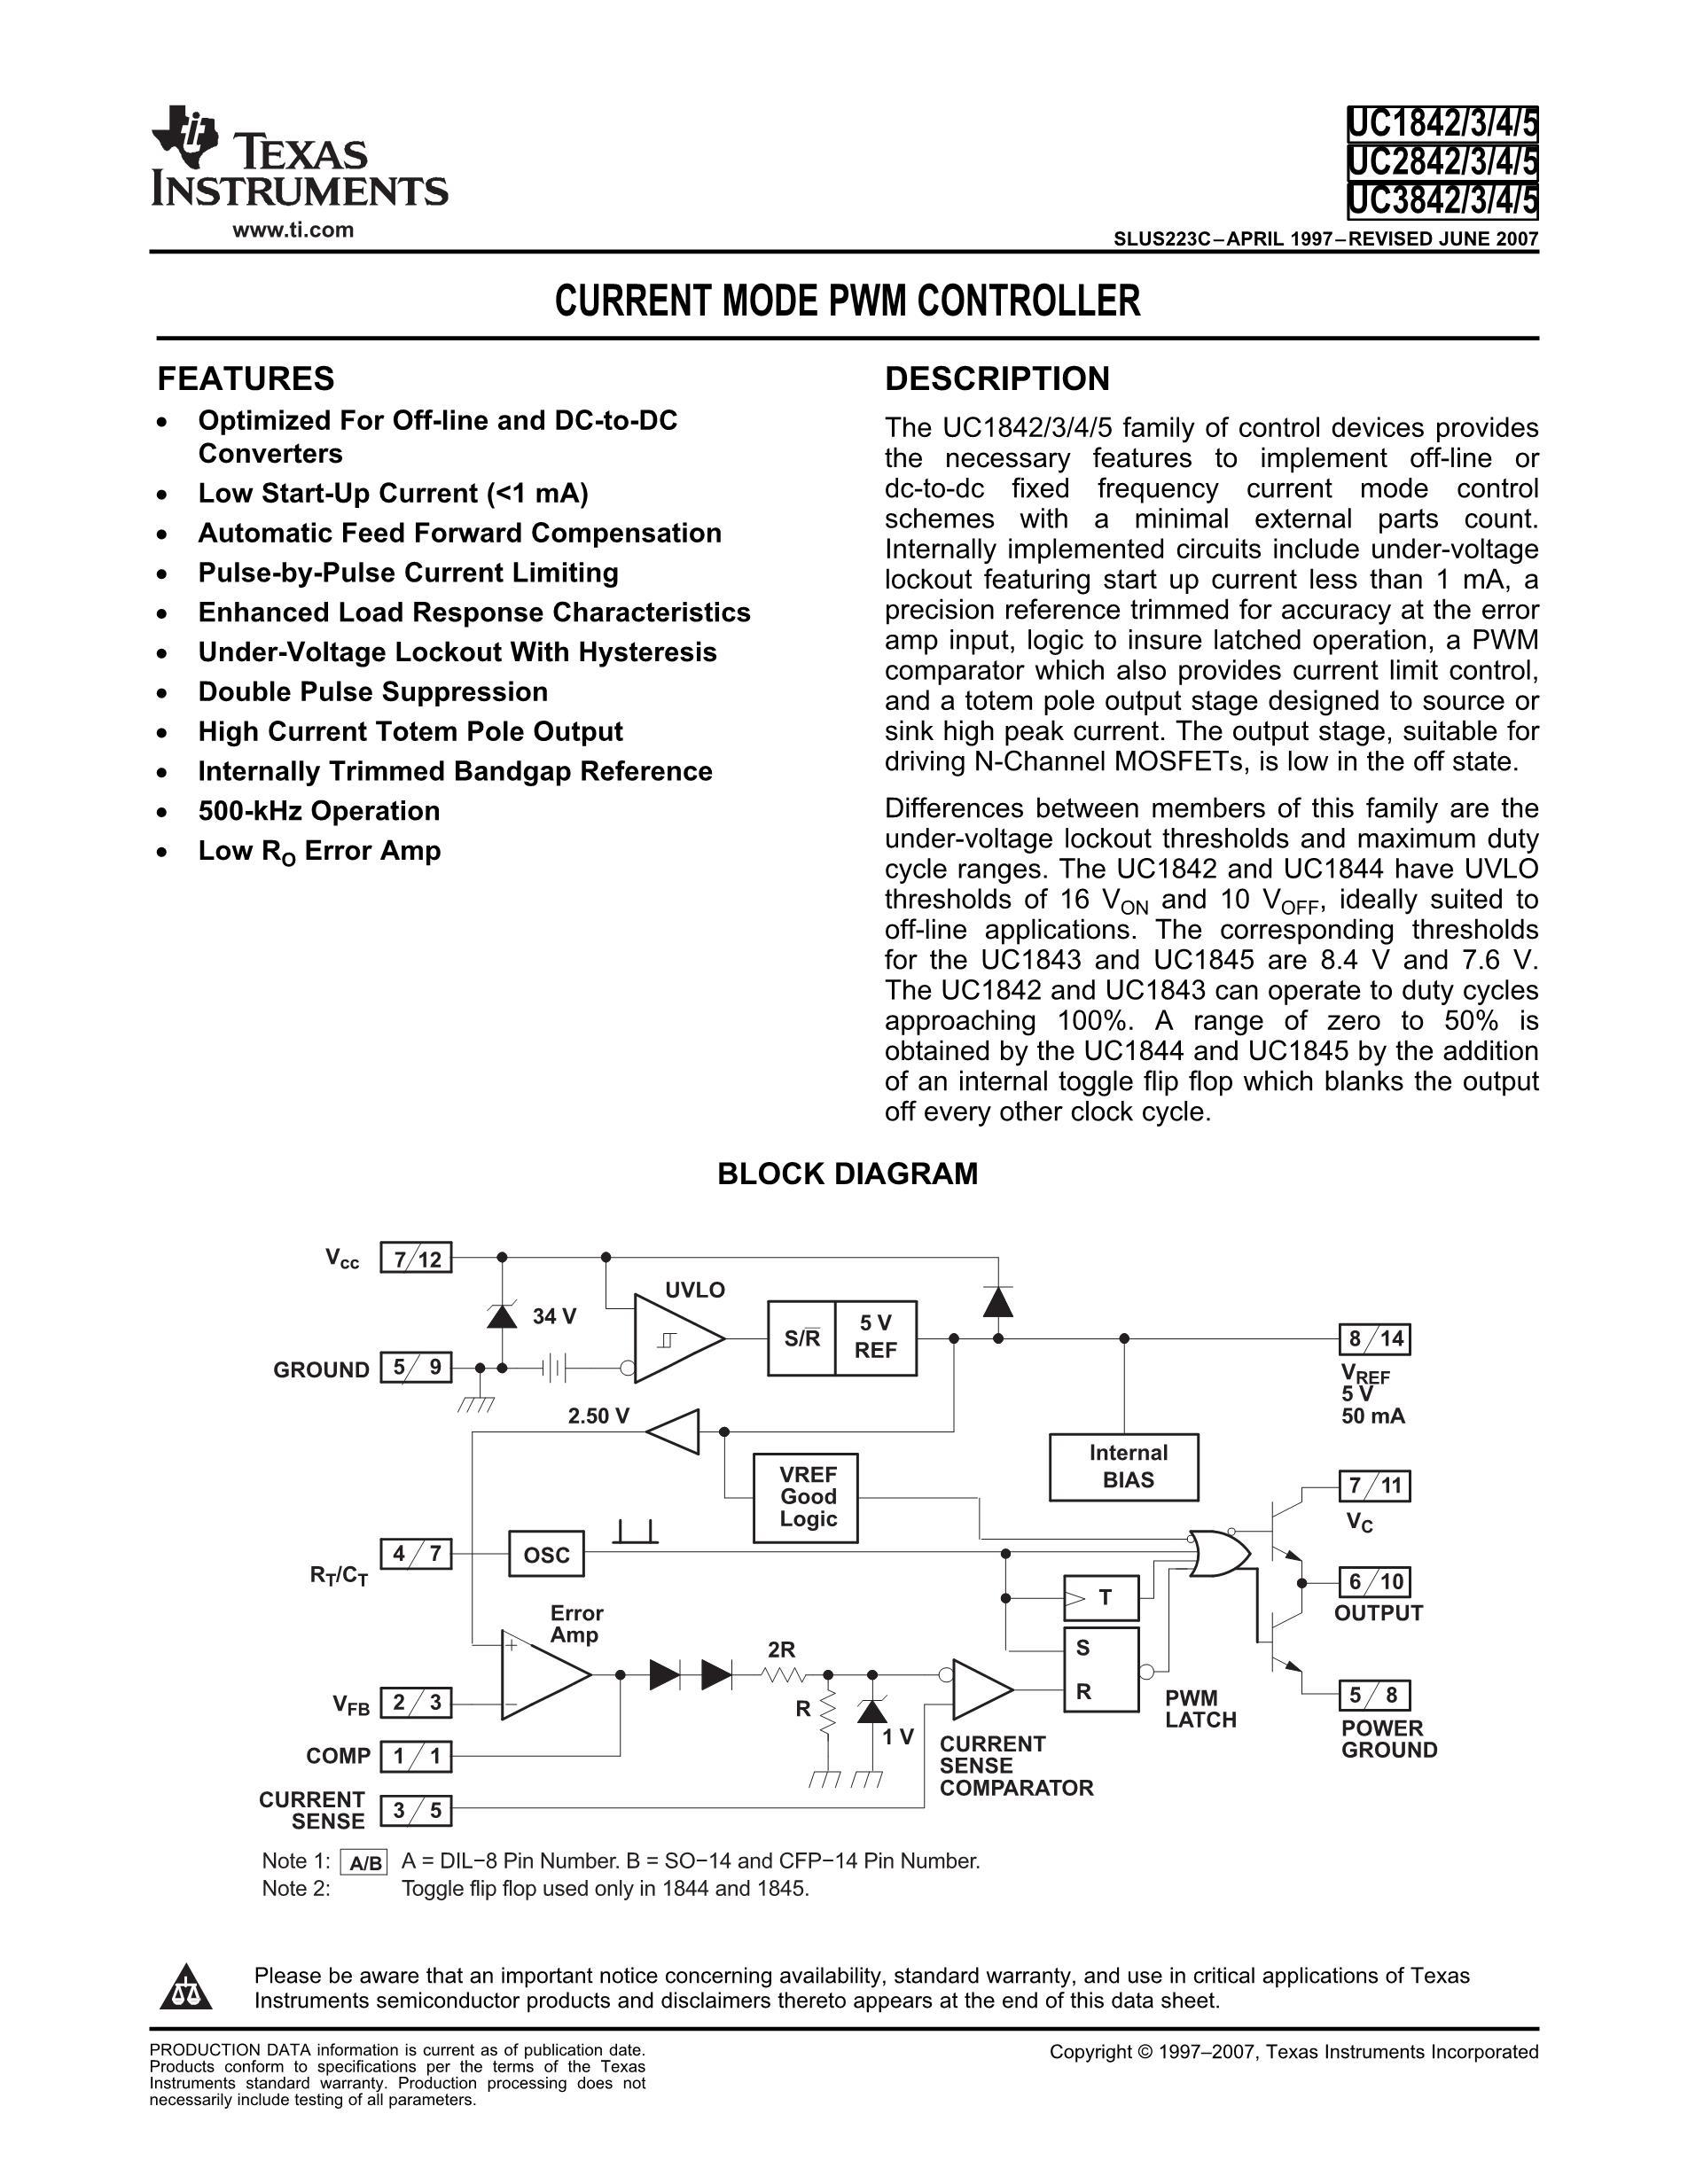 UC2842AD1013TR's pdf picture 1